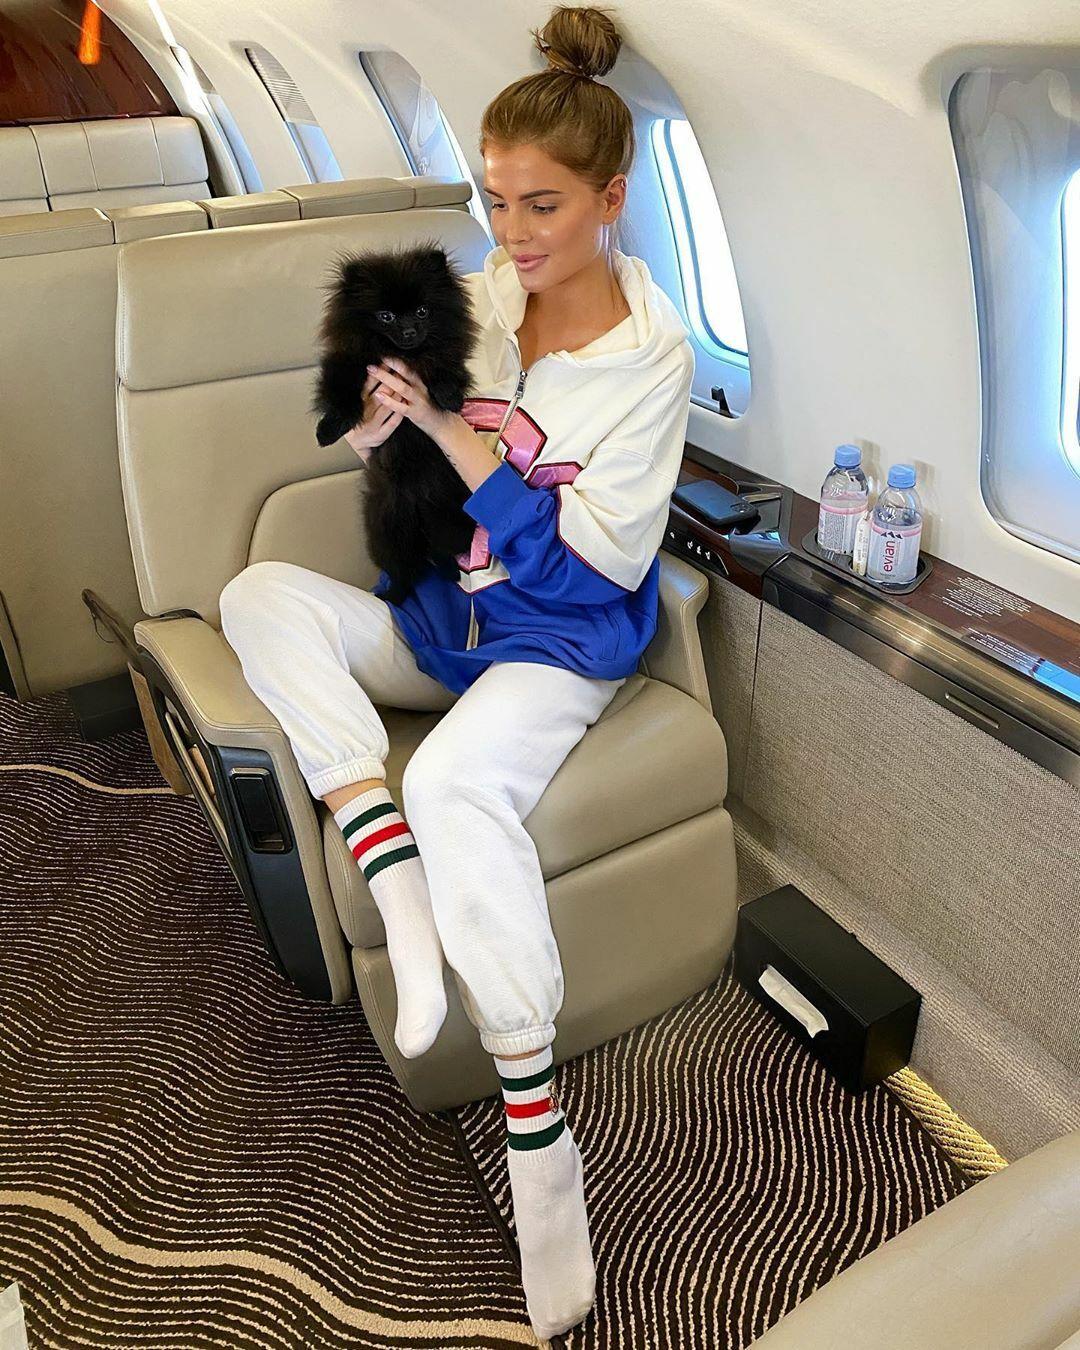 Alena Mills, đến từ Moskva, Nga, chia sẻ bức hình cô ôm chó cưng trên chuyên cơ riêng kèm chú thích Khi thế giới sống lại.